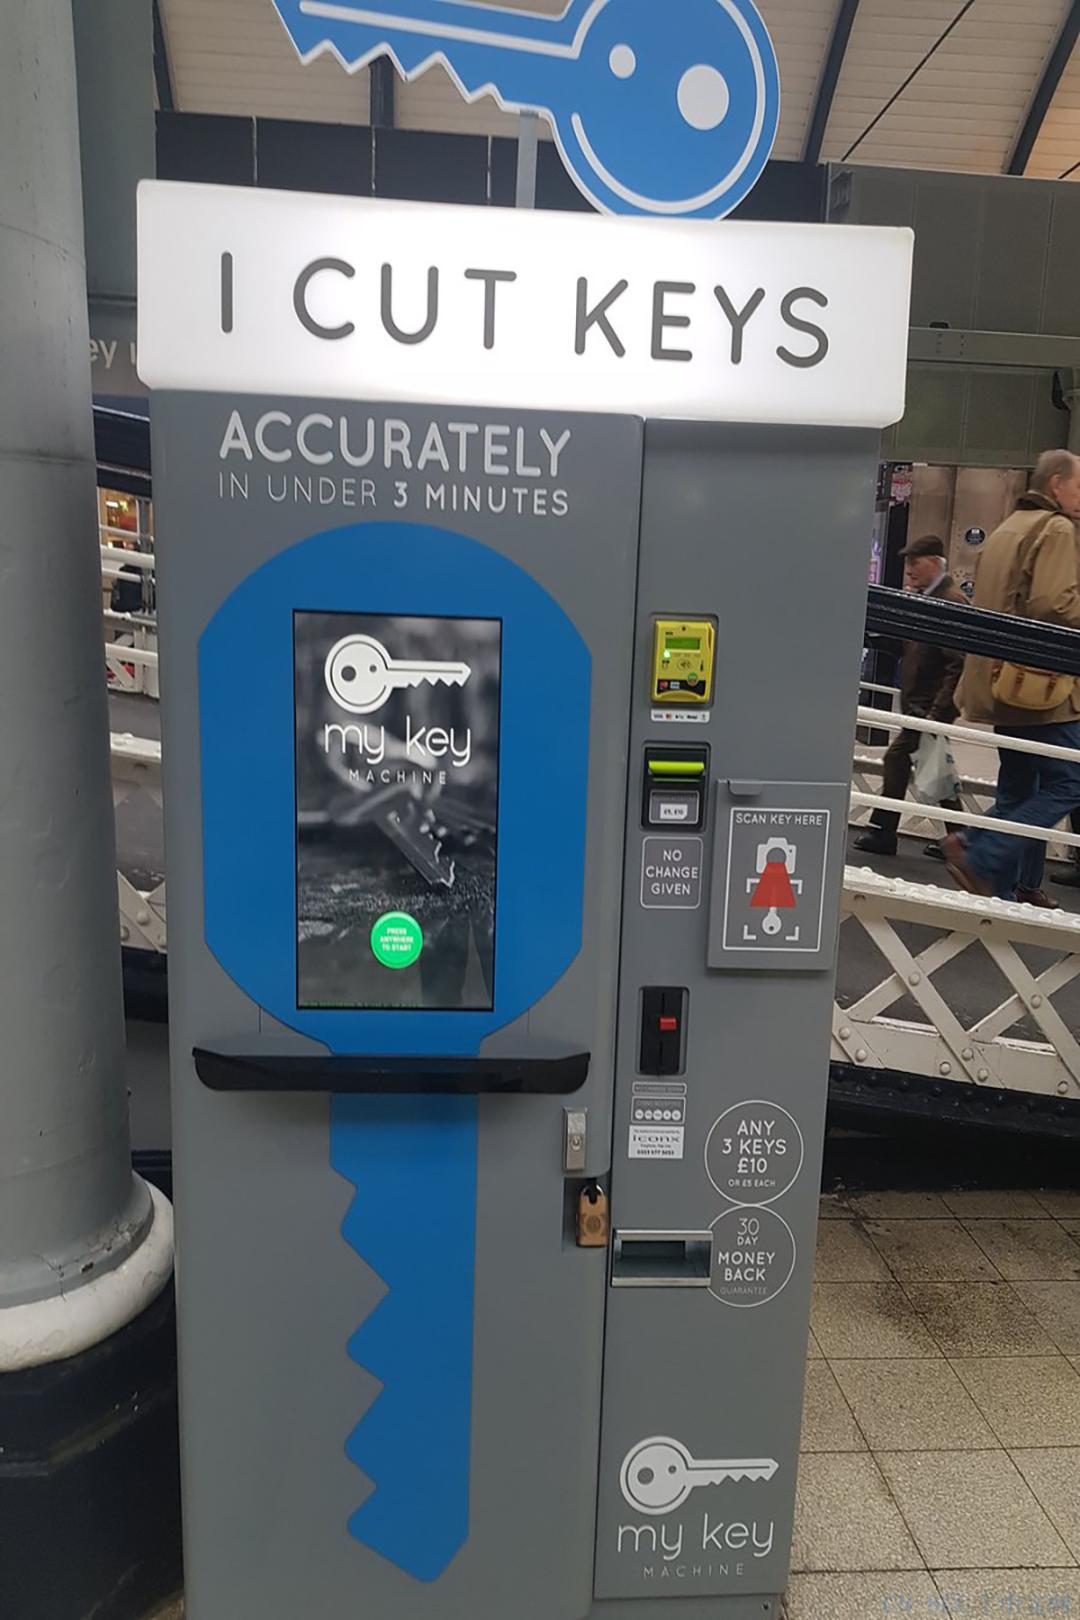 对机械锁具的旁路攻击